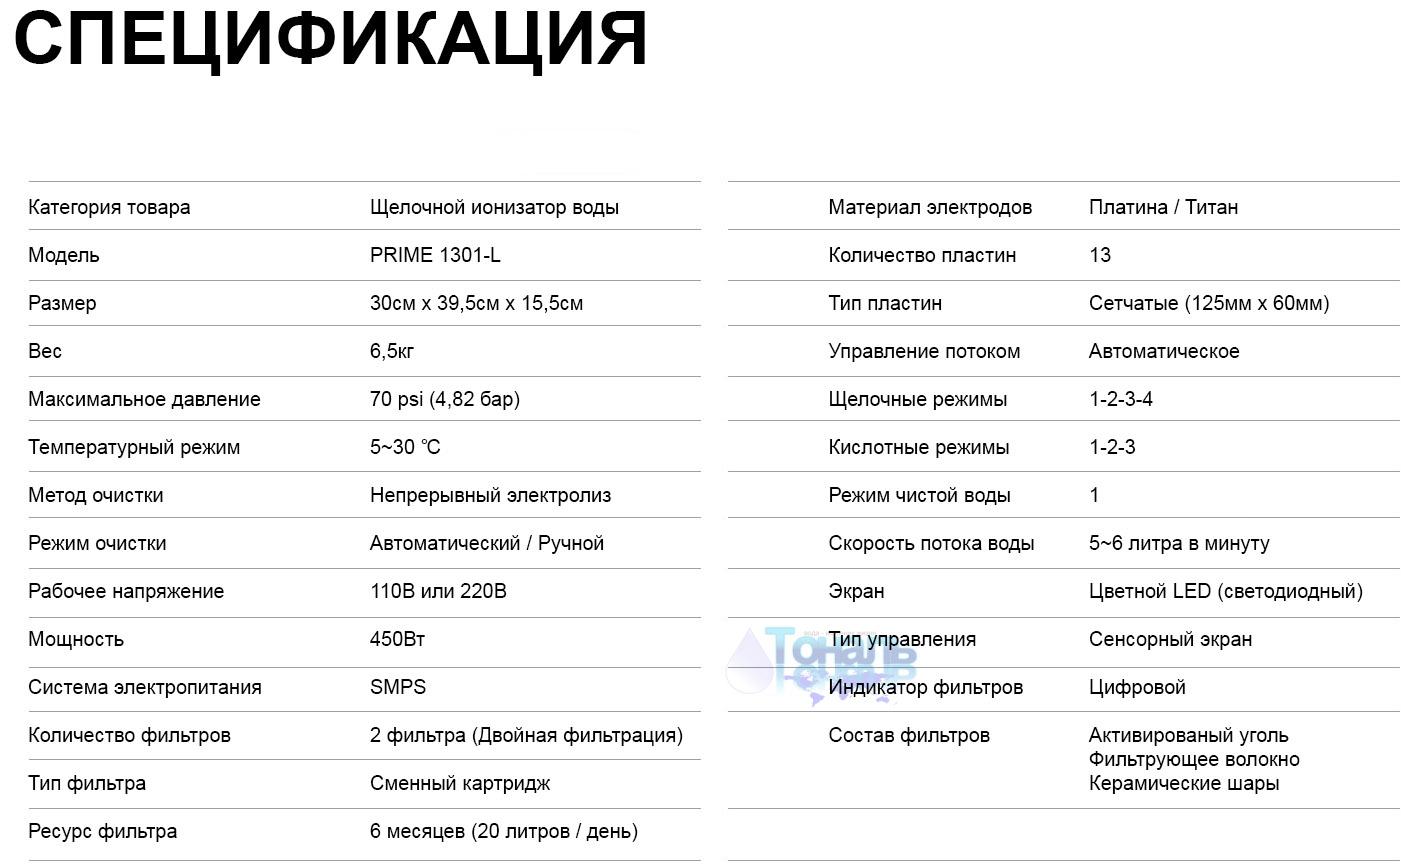 характеристики и состав фильтра аквафор